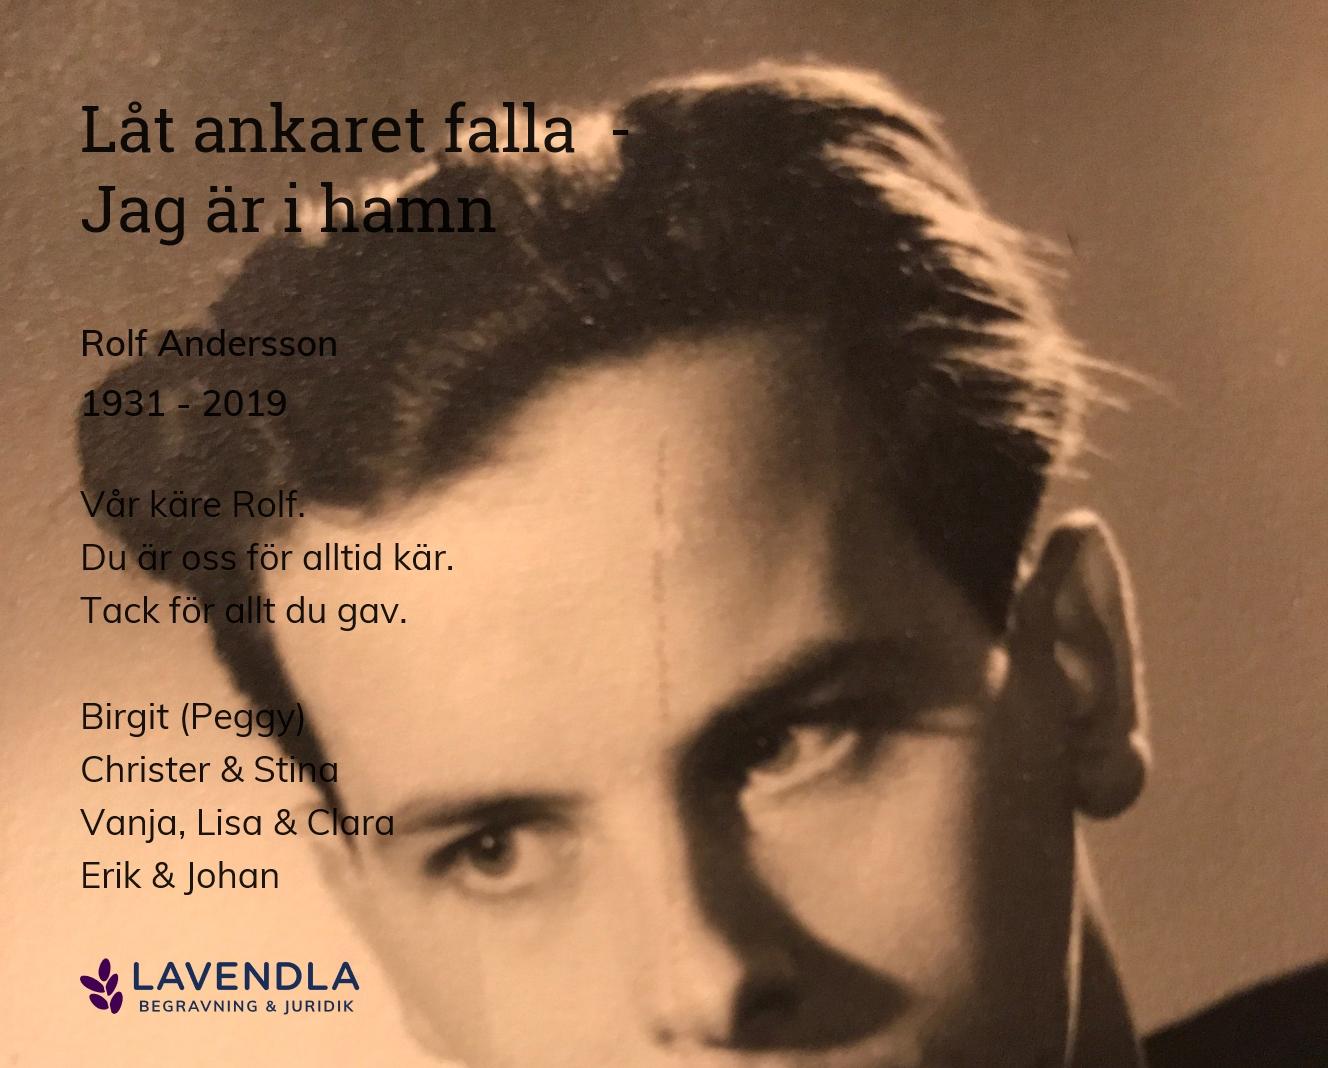 Inbjudningskort till ceremonin för Rolf Andersson